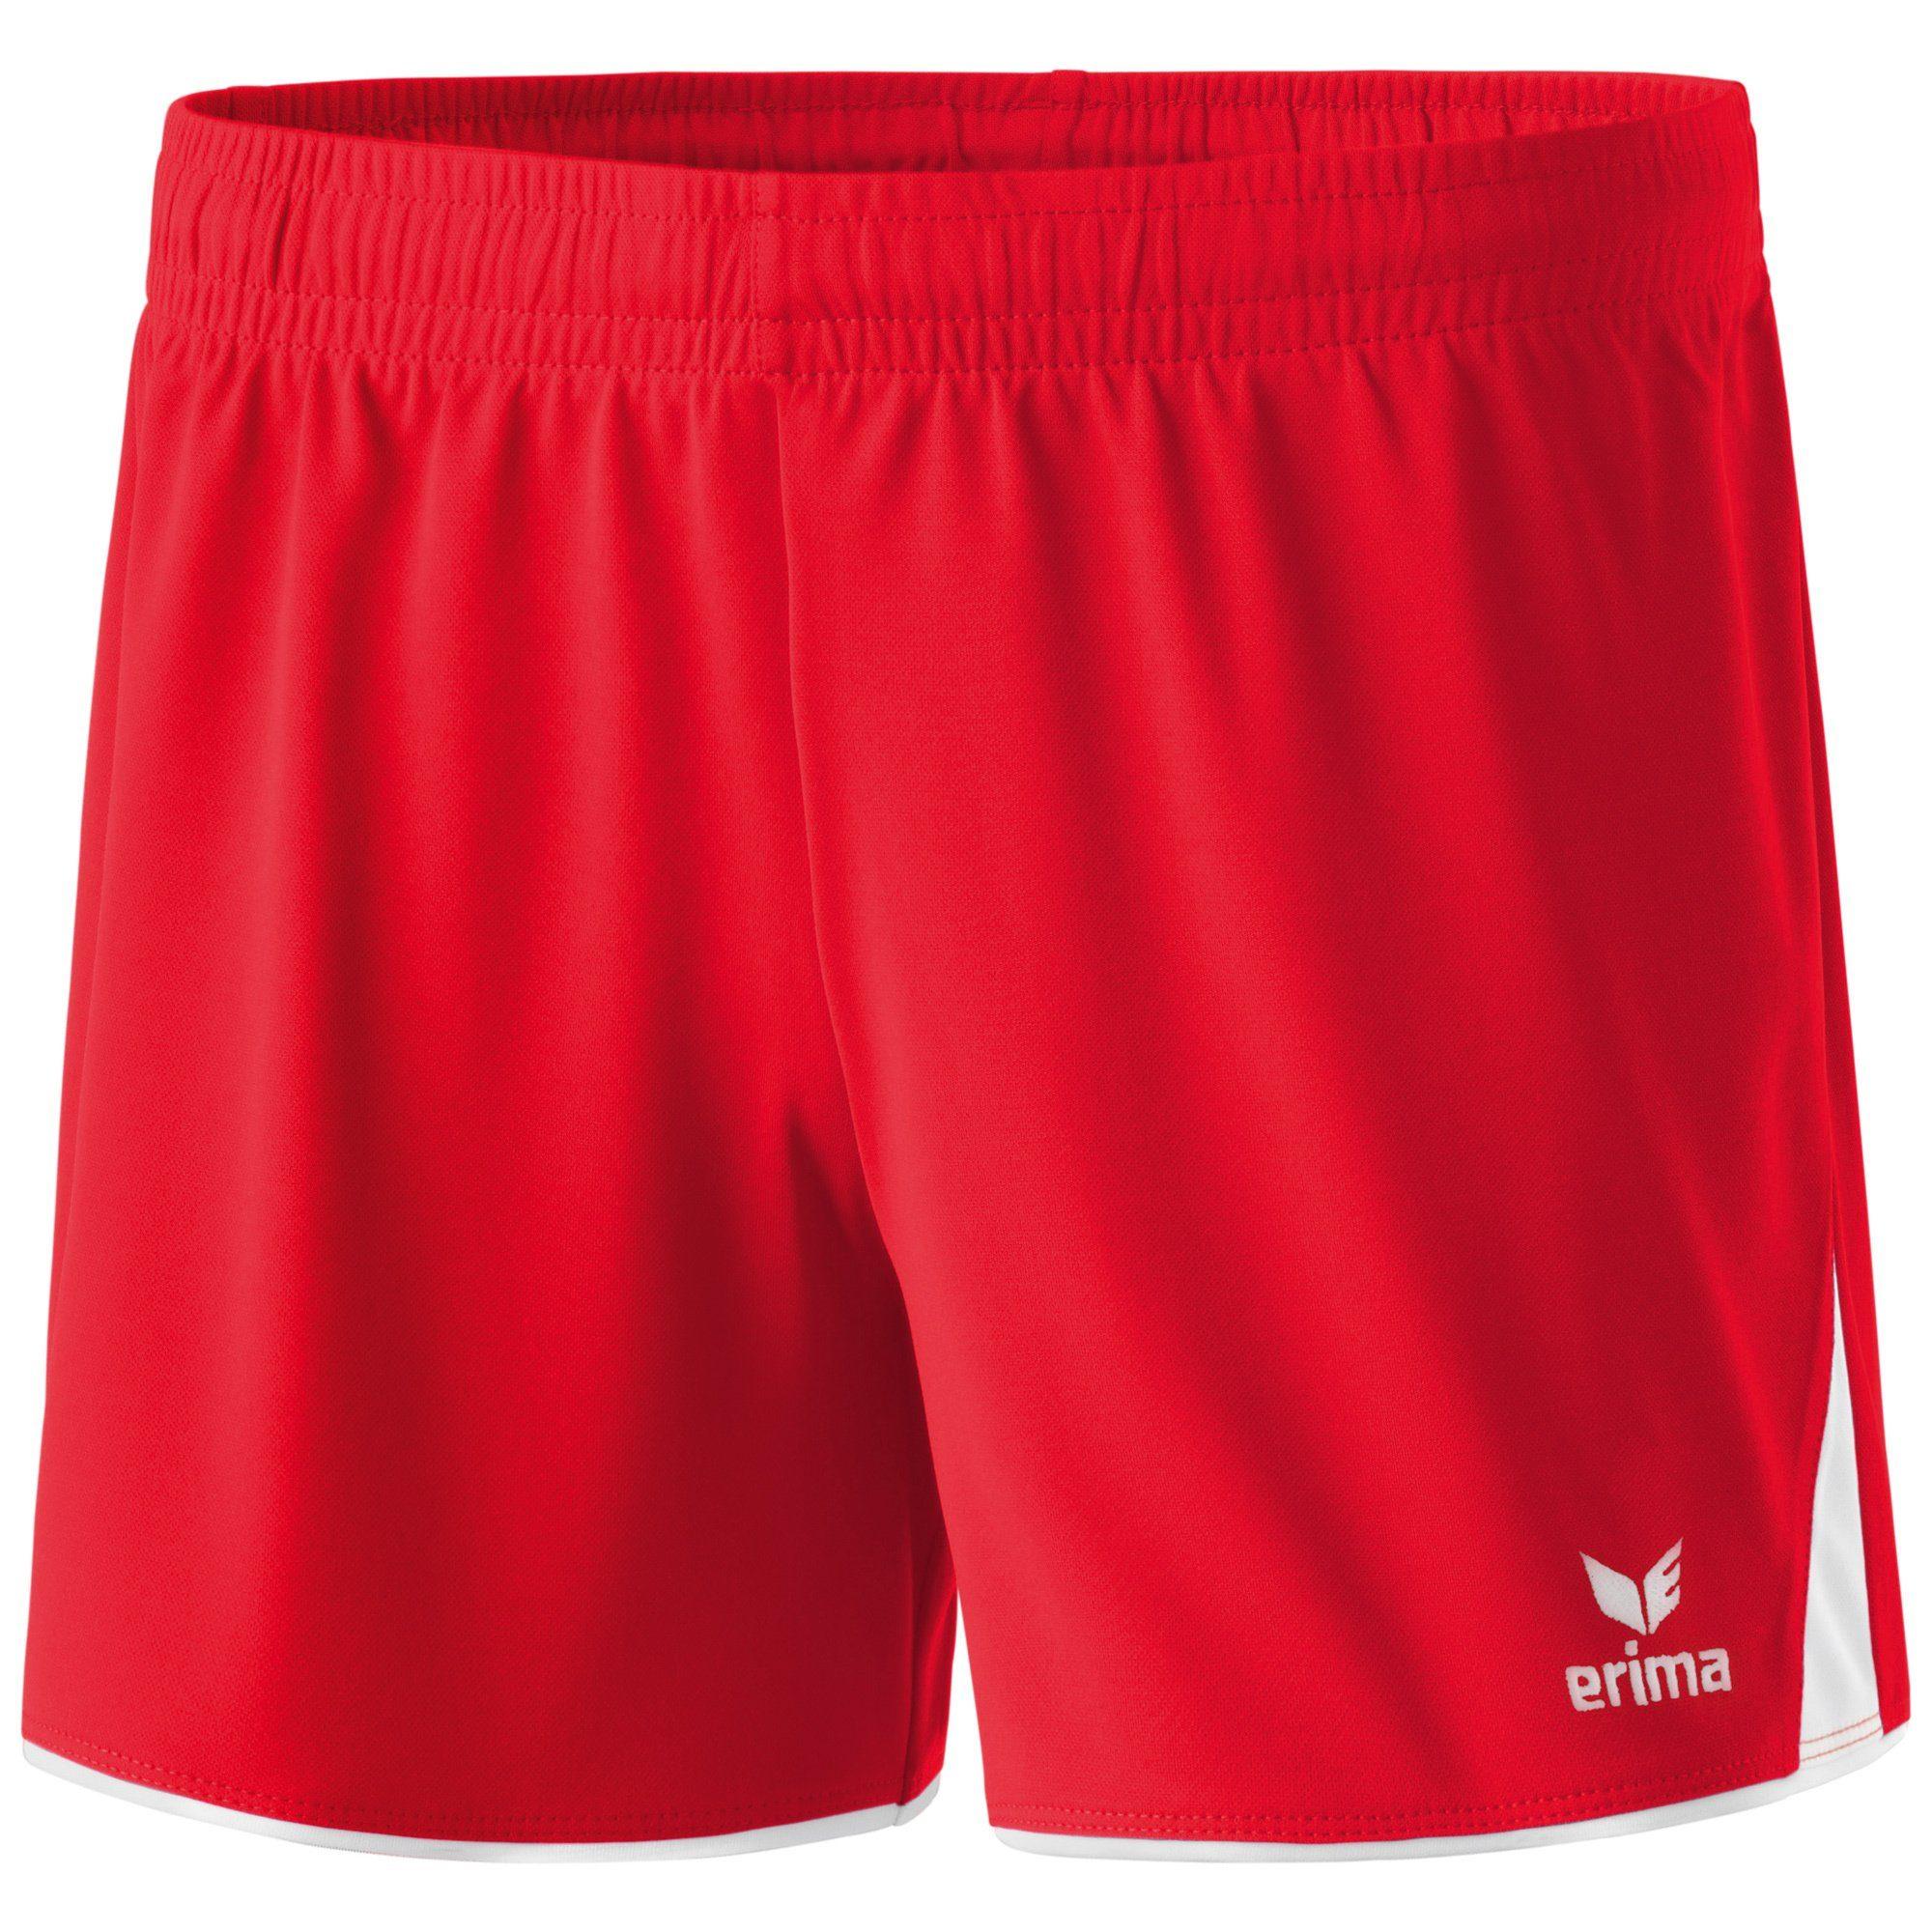 Erima 5 CUBES Short Damen, Stylische Trainings und Wettkampfshort online kaufen   OTTO